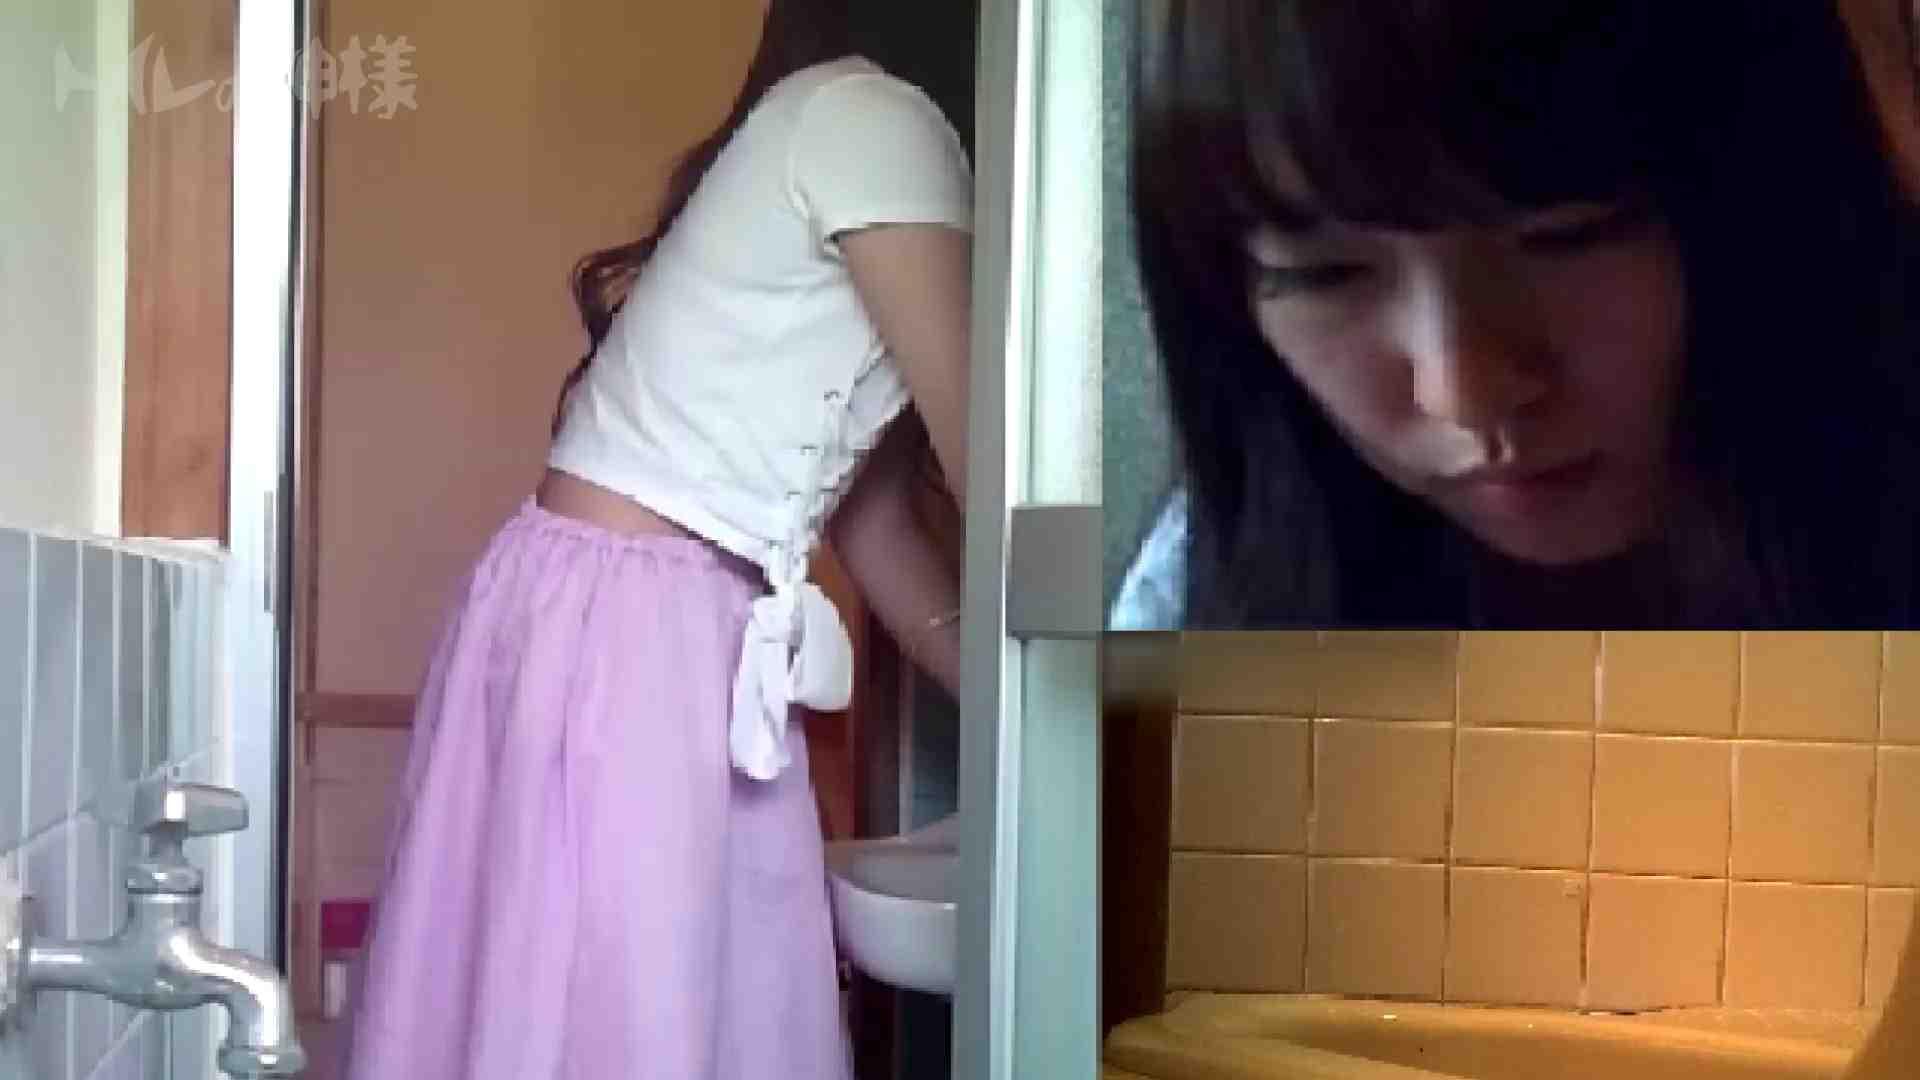 トイレの神様 Vol.09 美女のGEBOきれいに撮っています 美女達のヌード | トイレ中  75連発 32